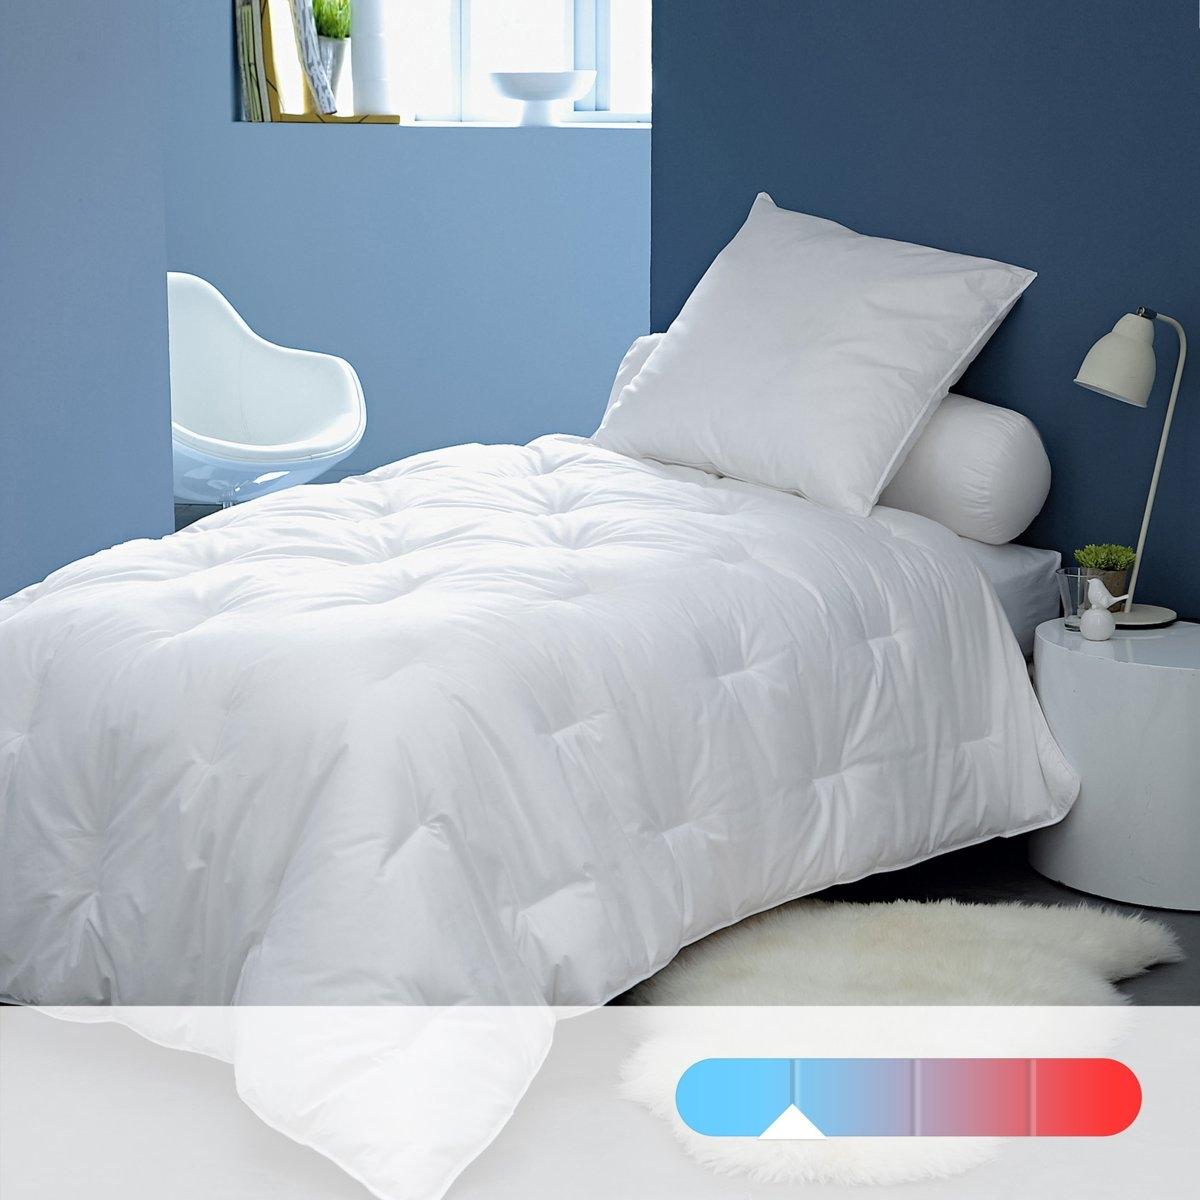 Синтетическое одеяло LESTRA, 175 г/м?Регулируемое тепло и суперлегкость  одеяла QUALLOFIL-AIR, плотностью 175 г/м?. Качество эксклюзивного наполнителя VALEUR S?RE: полые силиконизированные очень тонкие, ультраобъемные, суперлегкие волокна из 100% полиэстера, которые обеспечивают циркуляцию воздуха и выводят влагу. Чехол: перкаль из чистого хлопка. Простежка черточками. Стирка при 40°, машинная сушка возможна при умеренной температуре. Идеально при температуре воздуха в комнате 18-22°.<br><br>Цвет: белый<br>Размер: 200 x 200  см